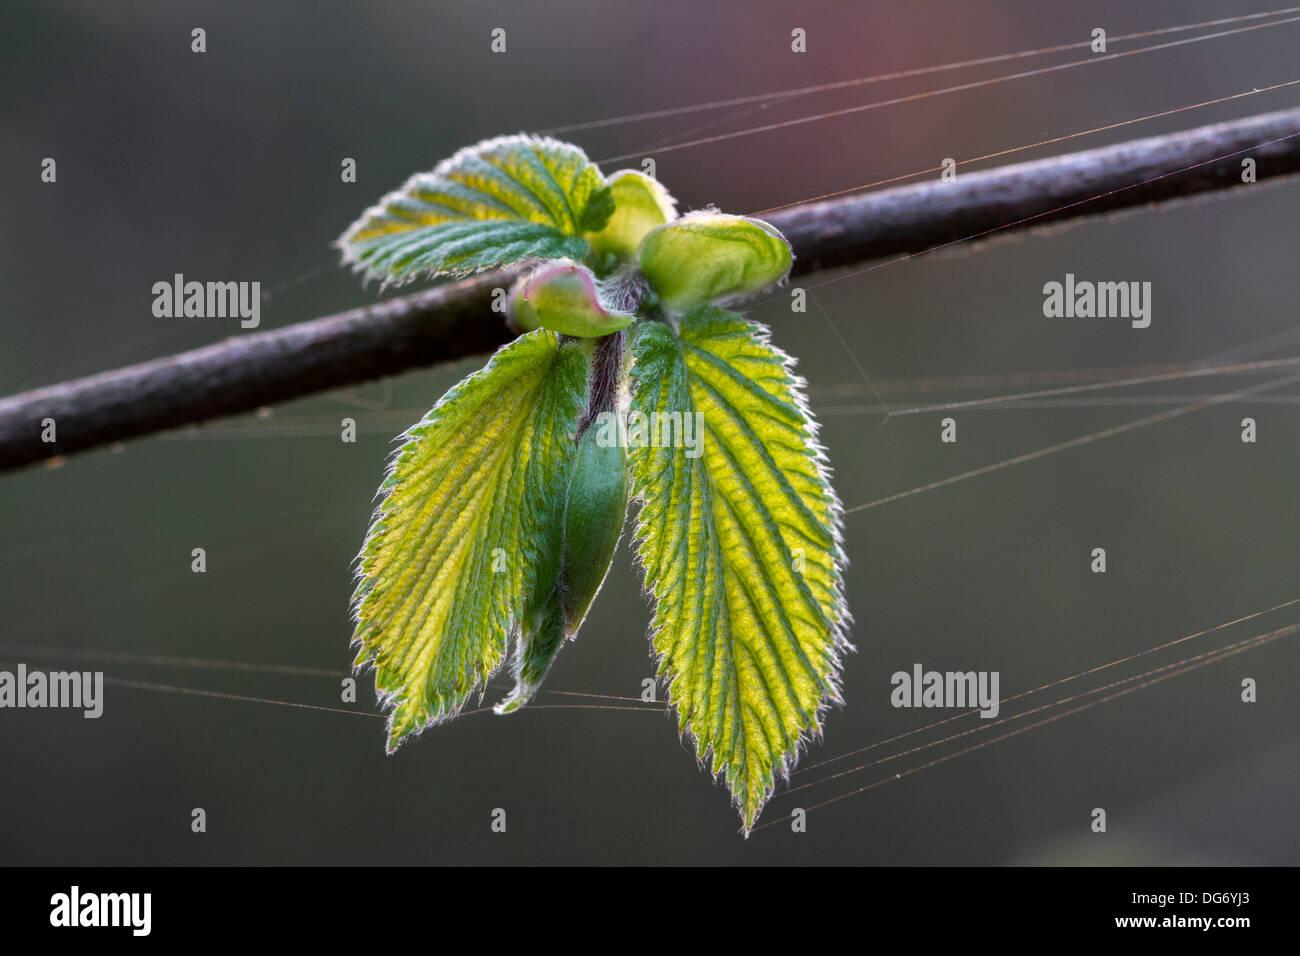 Le noisetier commun (Corylus avellana) branches avec des feuilles au printemps émergents Photo Stock